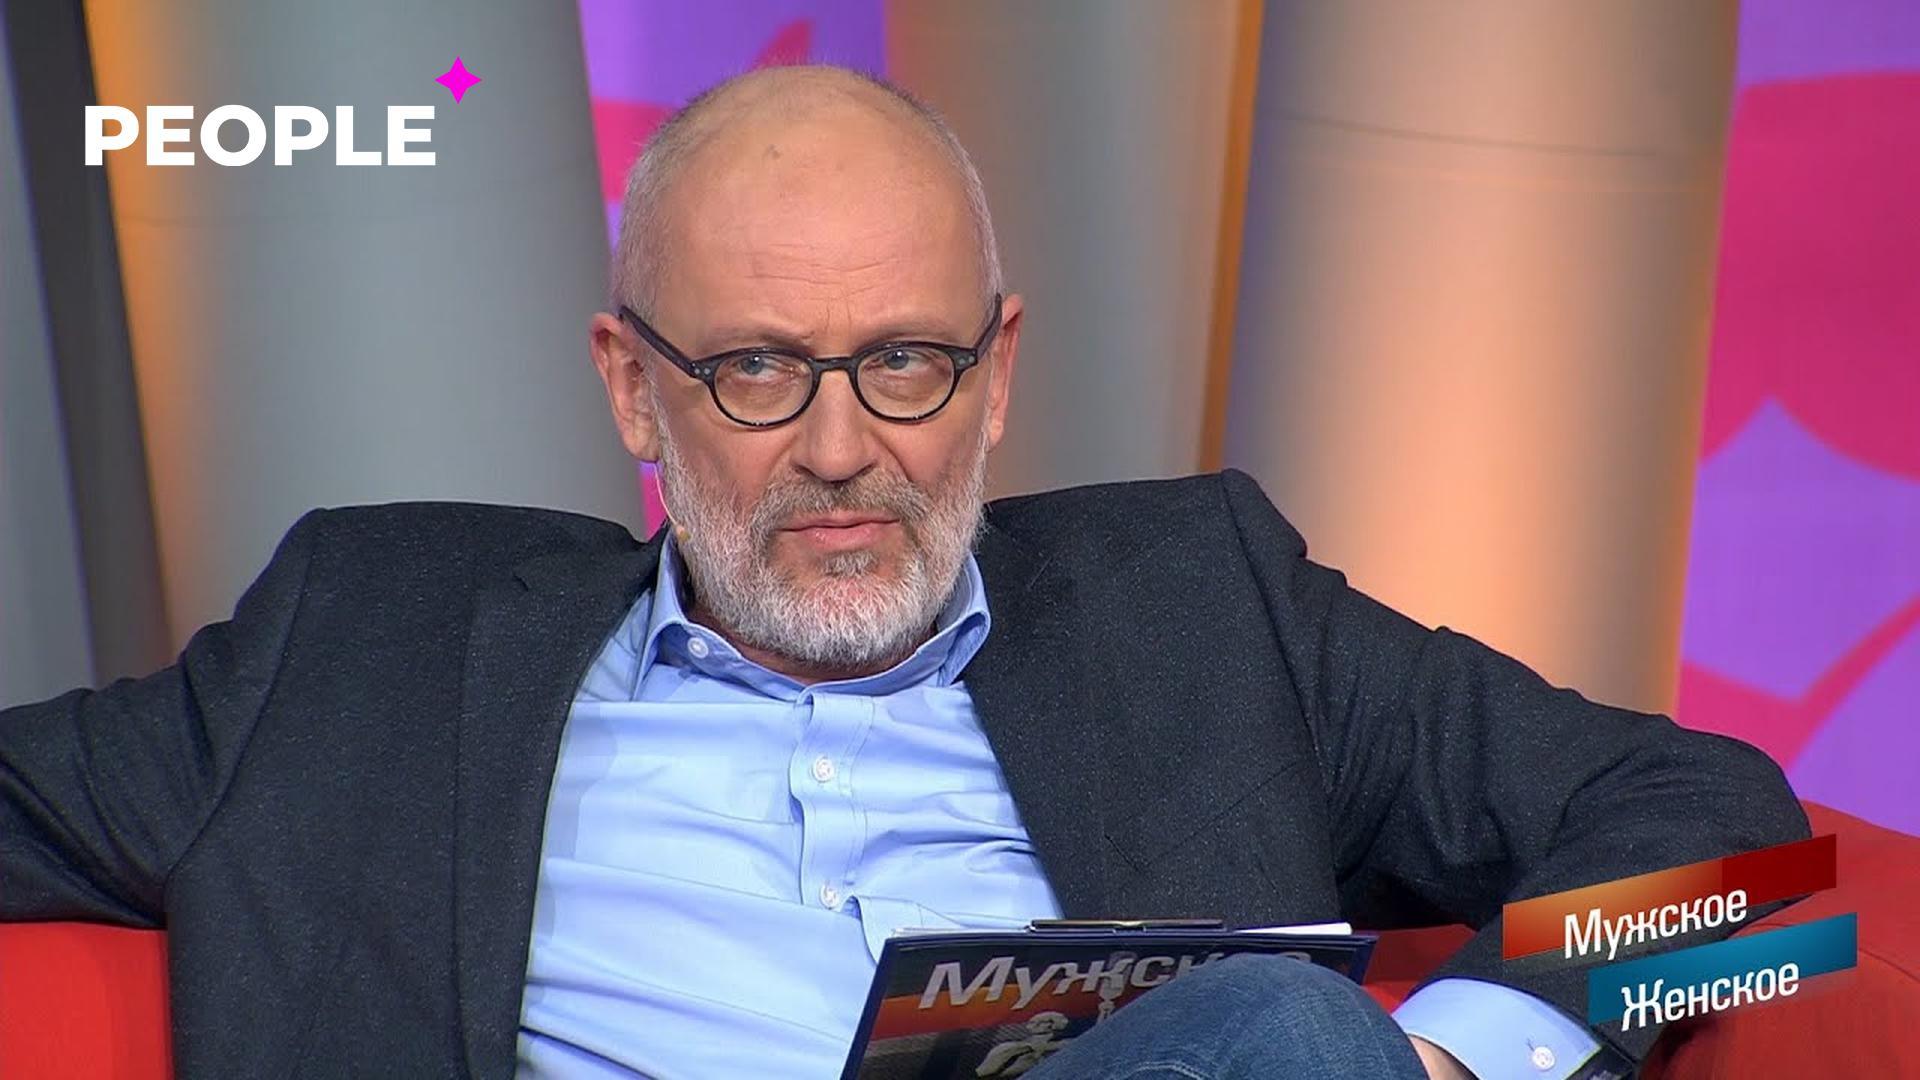 Телеведущий «Первого канала» оправдался за то, что выходит в эфир шоу будучи пьяным